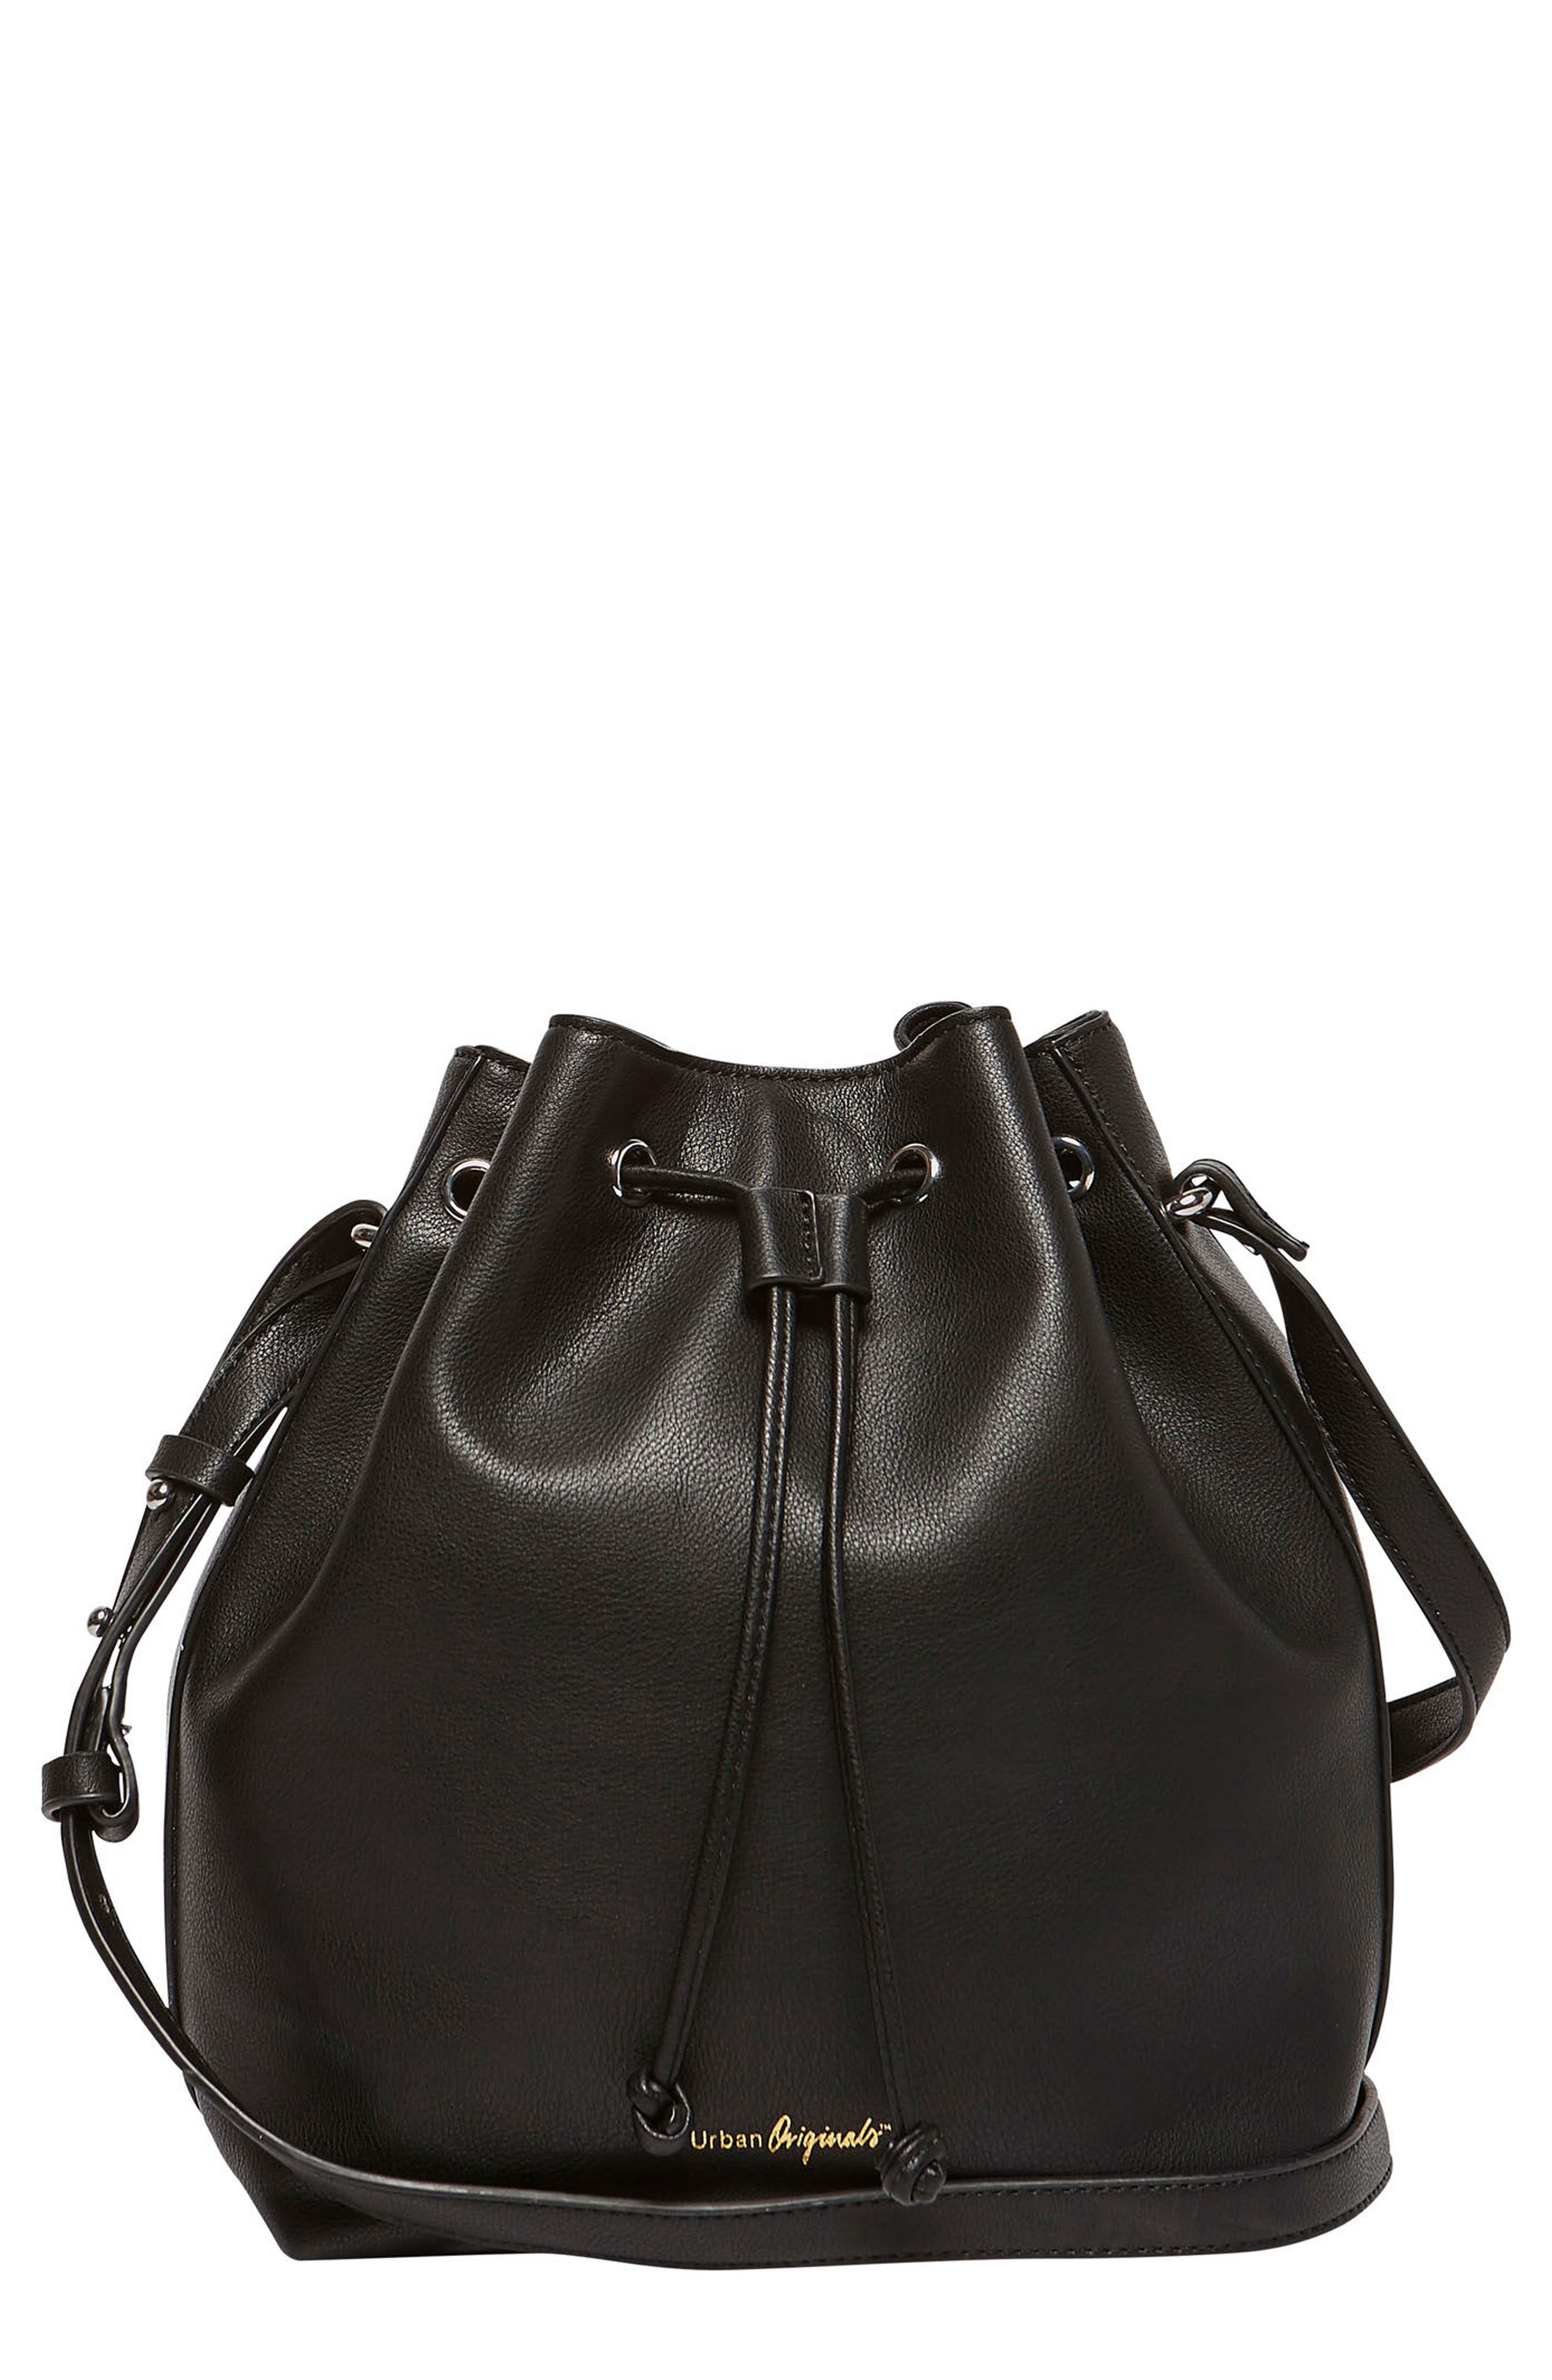 Main Image - Urban Originals Take Me Home Vegan Leather Bag